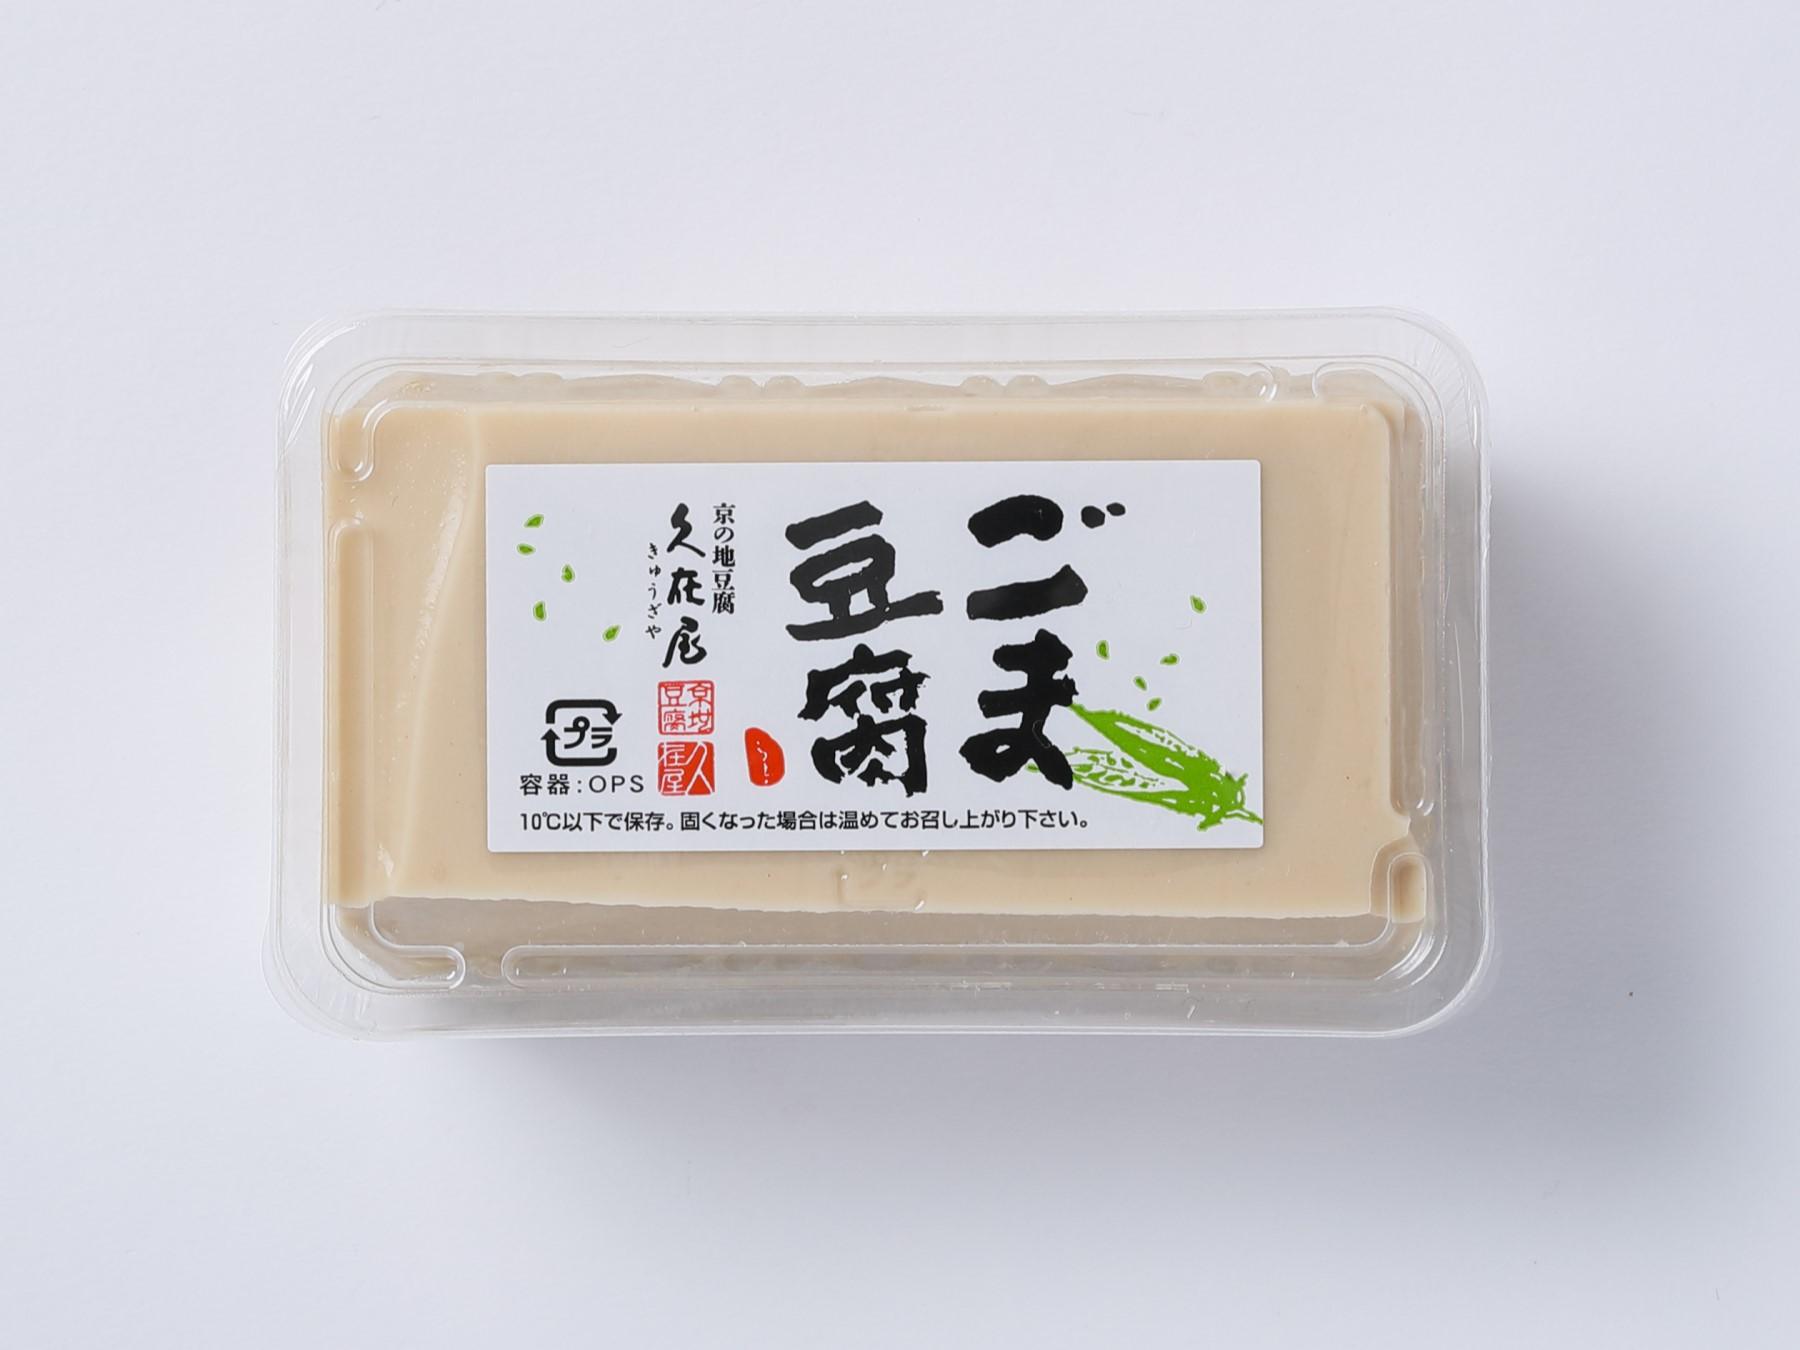 ごまとうふ ごま豆腐 胡麻とうふ 胡麻豆腐